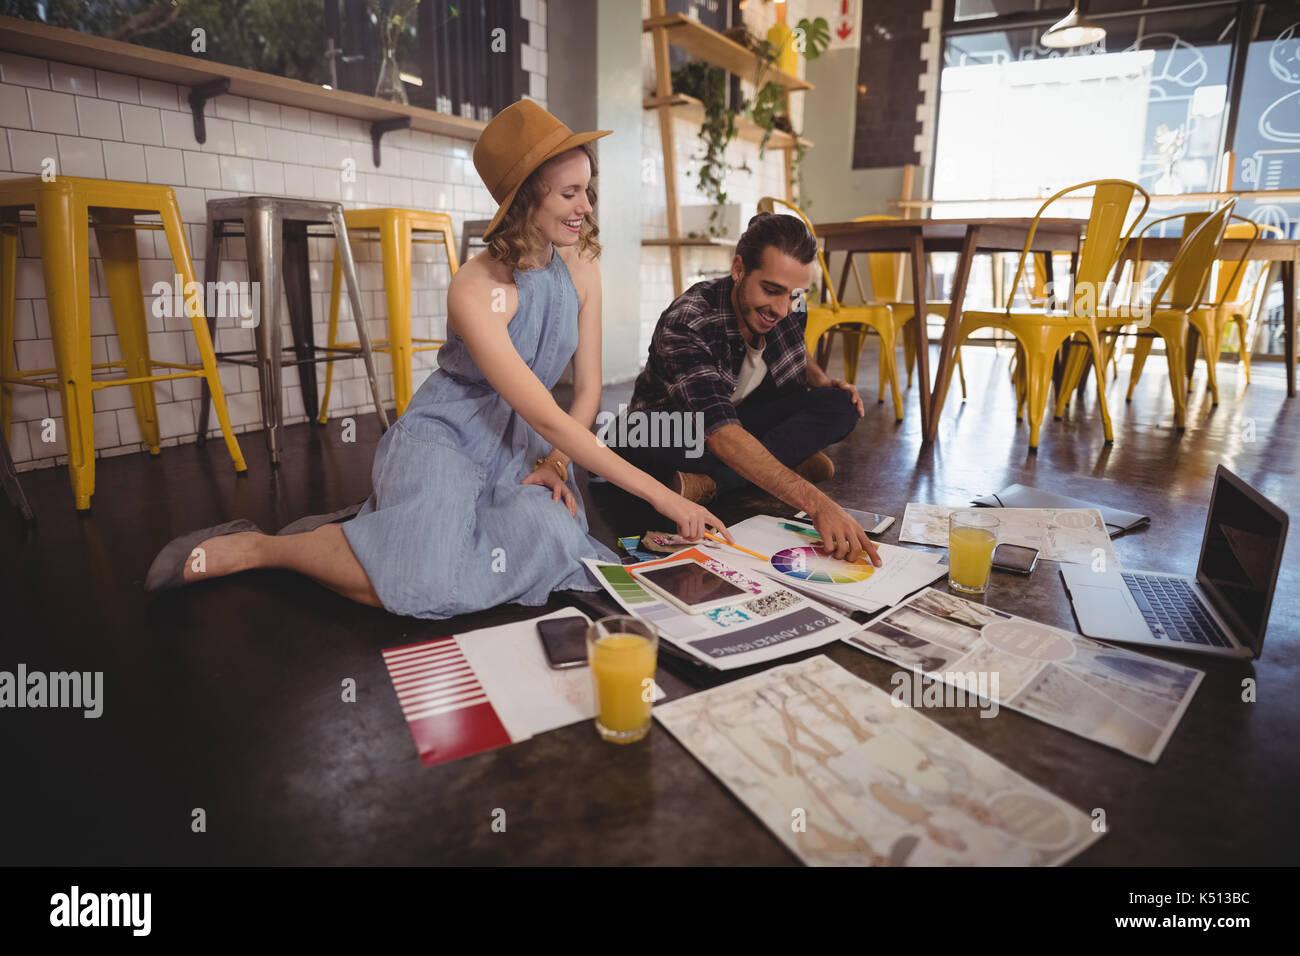 Sorridente giovani professionisti con i fogli e le tecnologie seduto sul pavimento nel coffee shop Immagini Stock